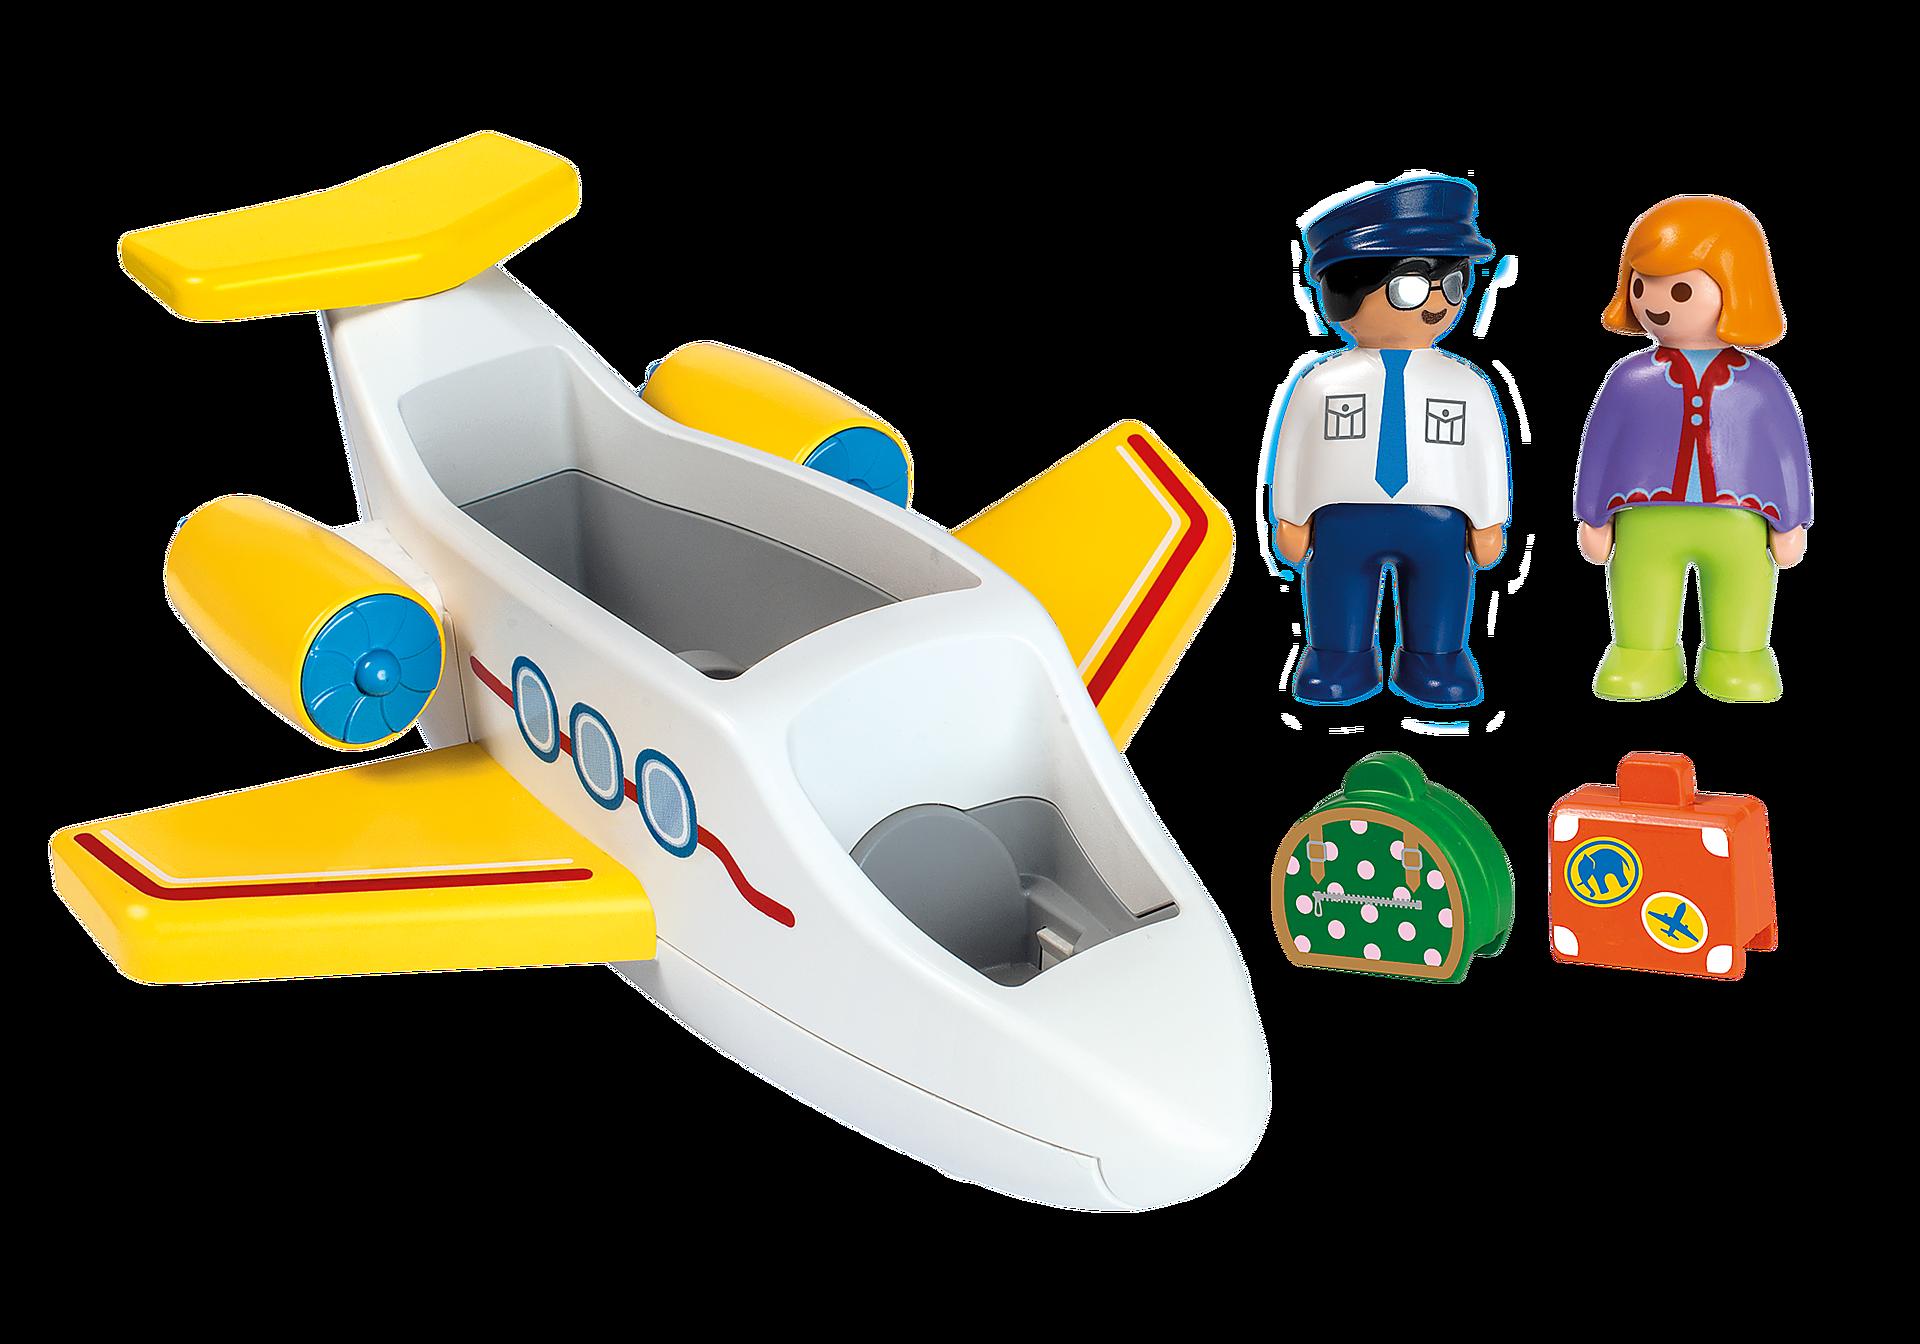 70185 Aereo passeggeri 1.2.3 zoom image3